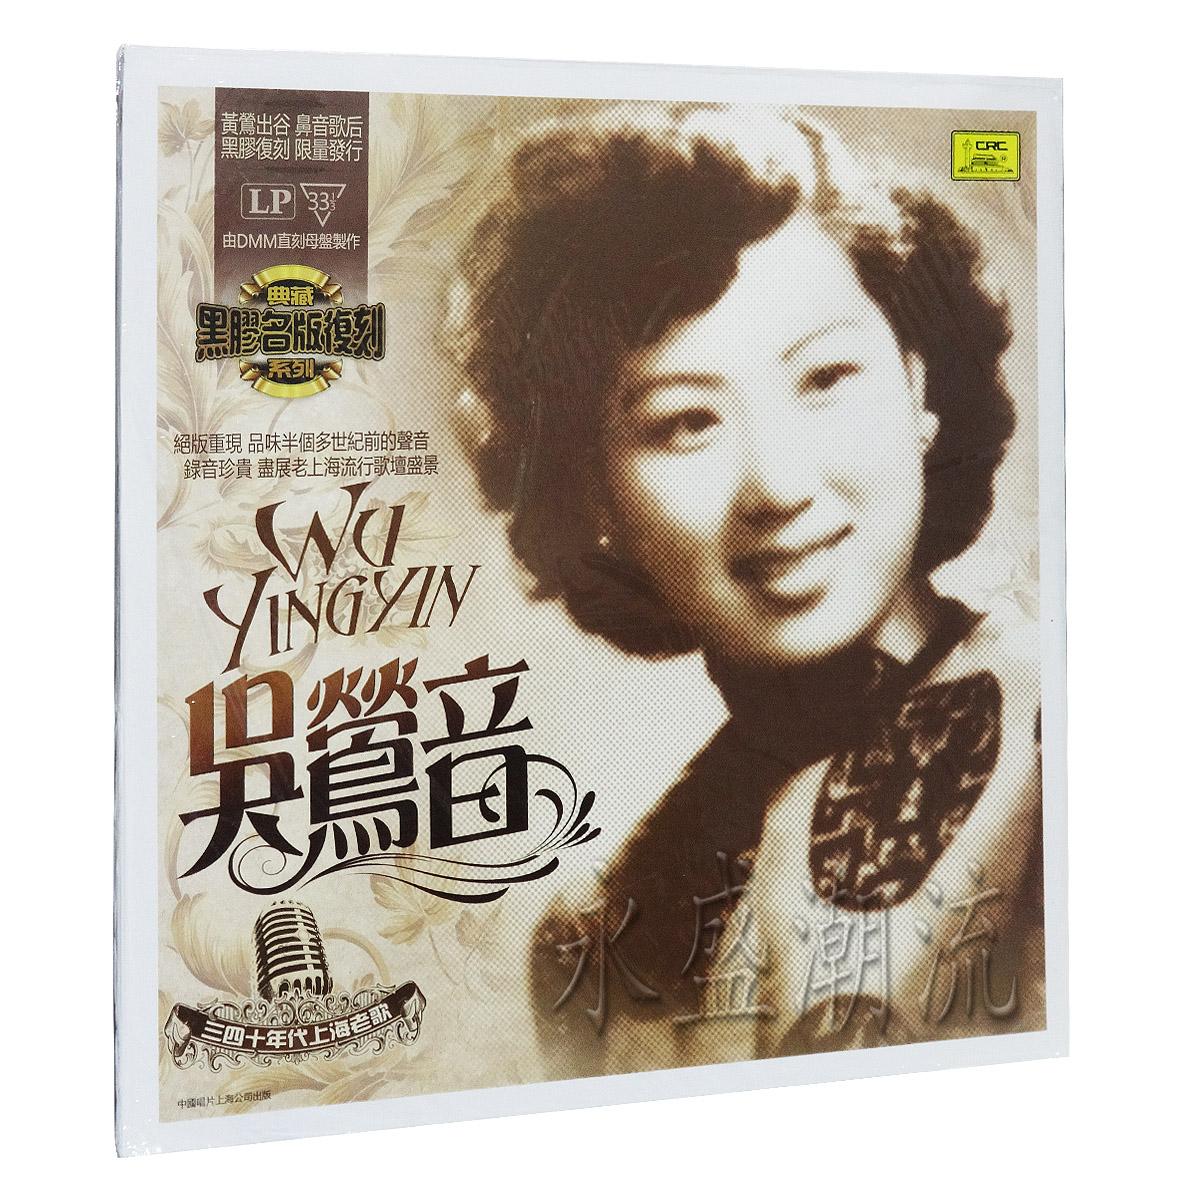 留声机专用 吴莺音 LP黑胶发烧老唱片 三四十年代上海老歌经典